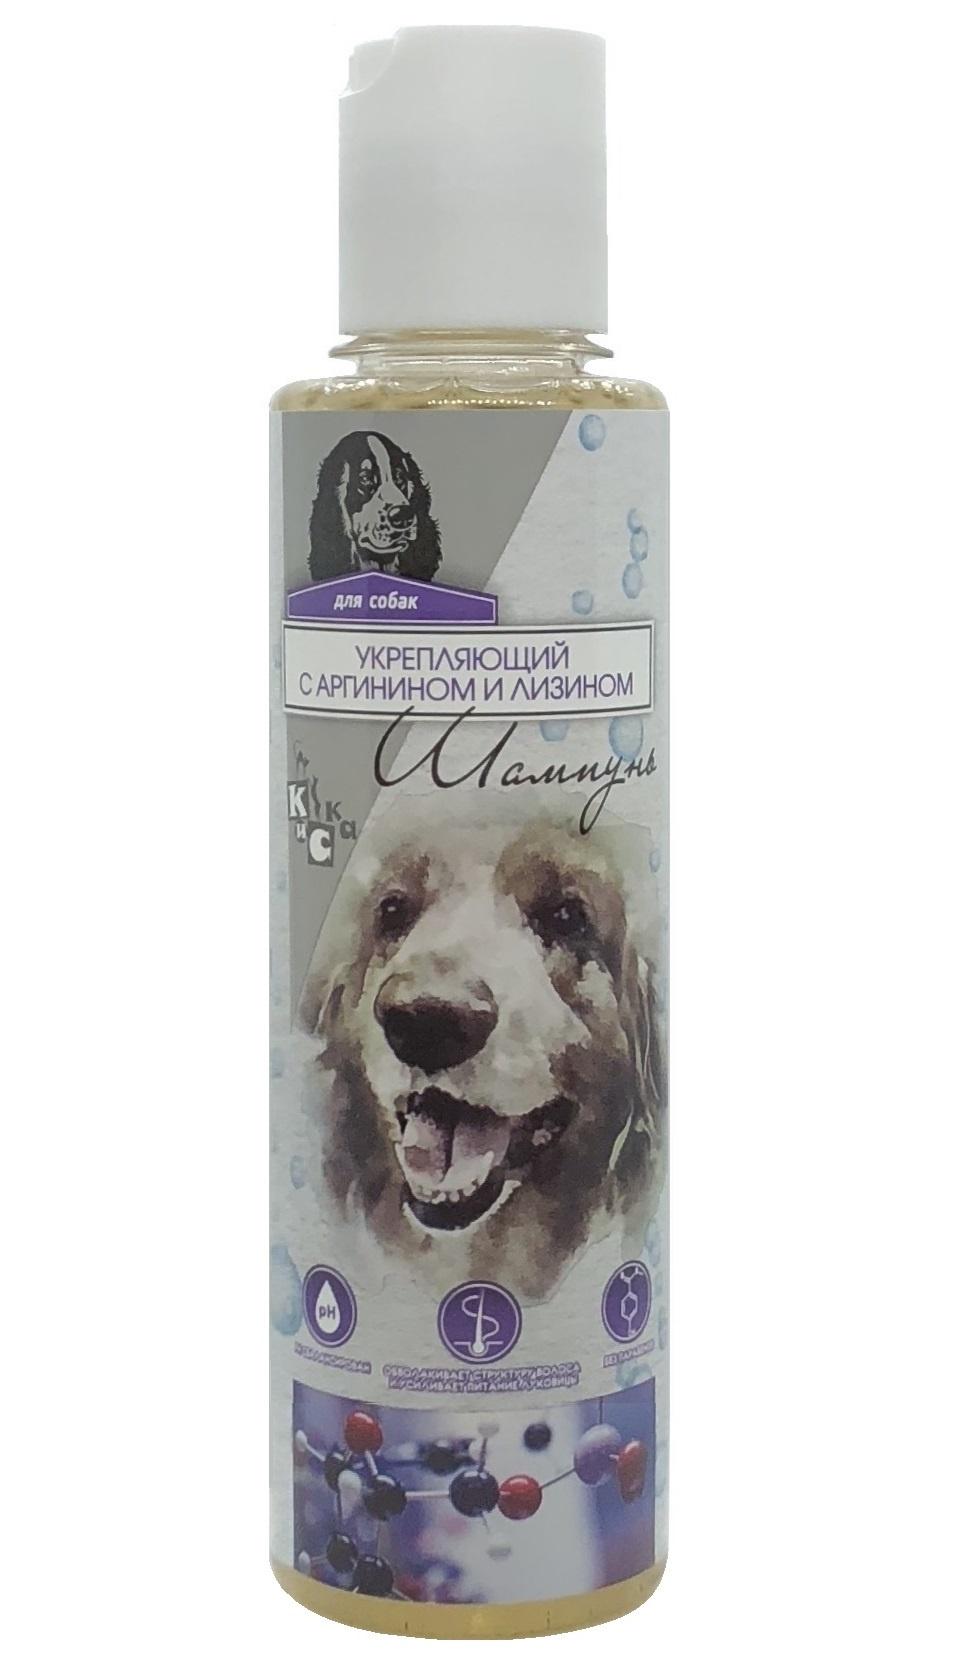 Шампунь для животных УКРЕПЛЯЮЩИЙ с Аргинином и Лизином для собак 240 мл. lysine